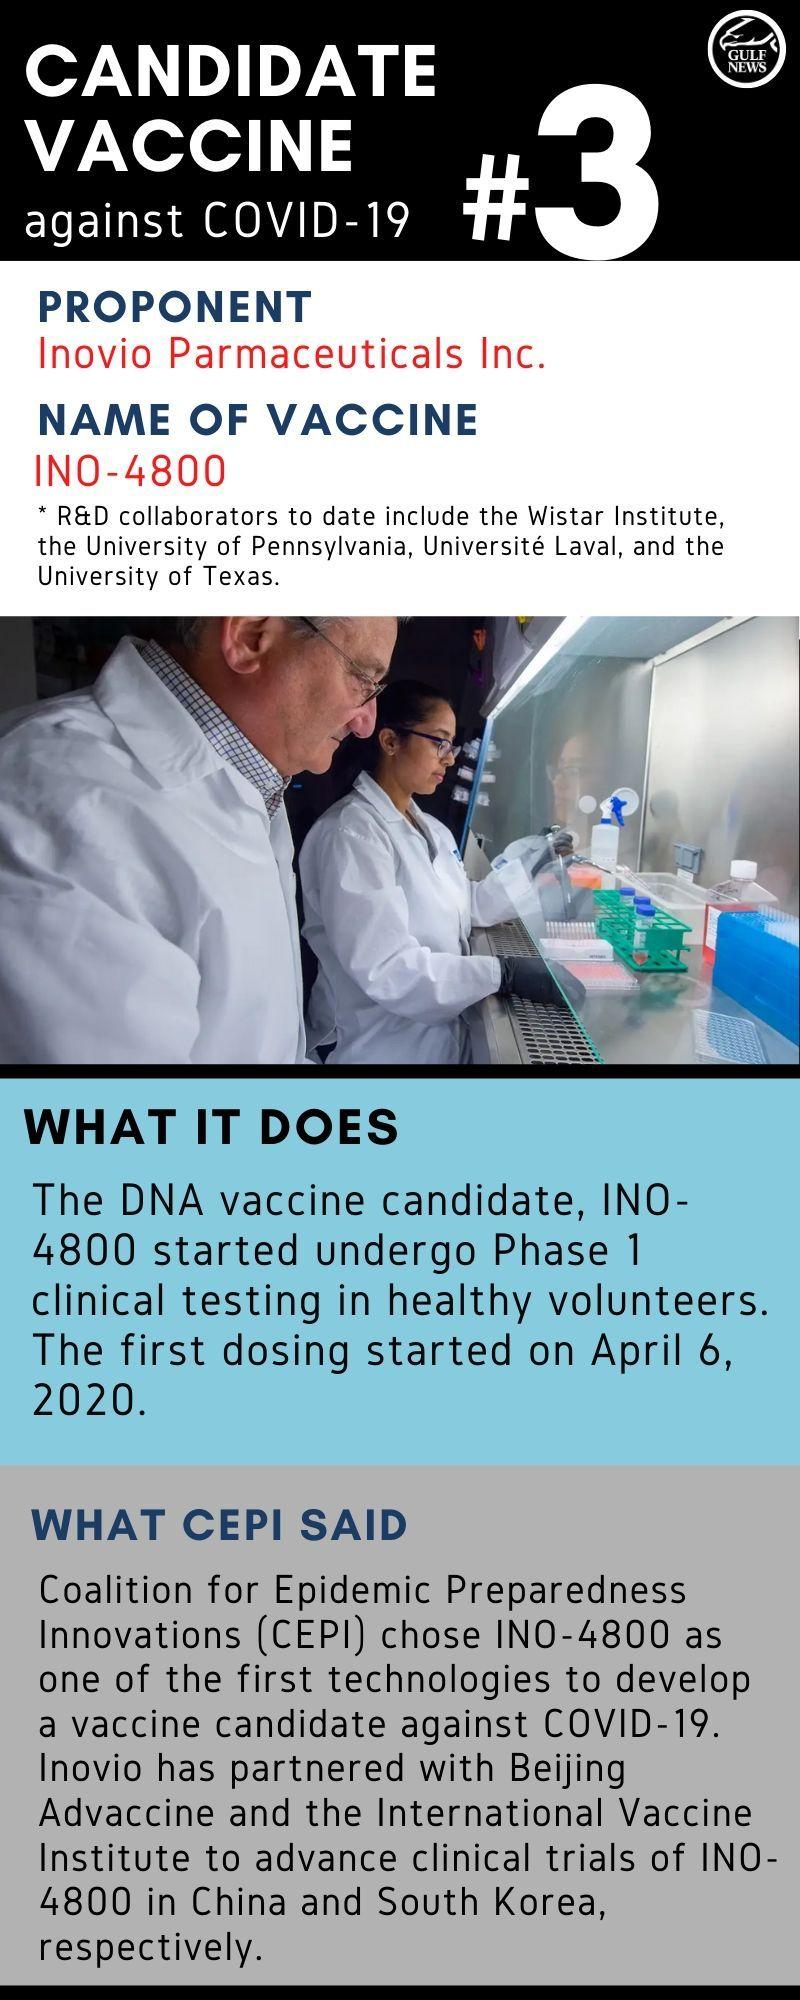 Vaccine 03 inovio